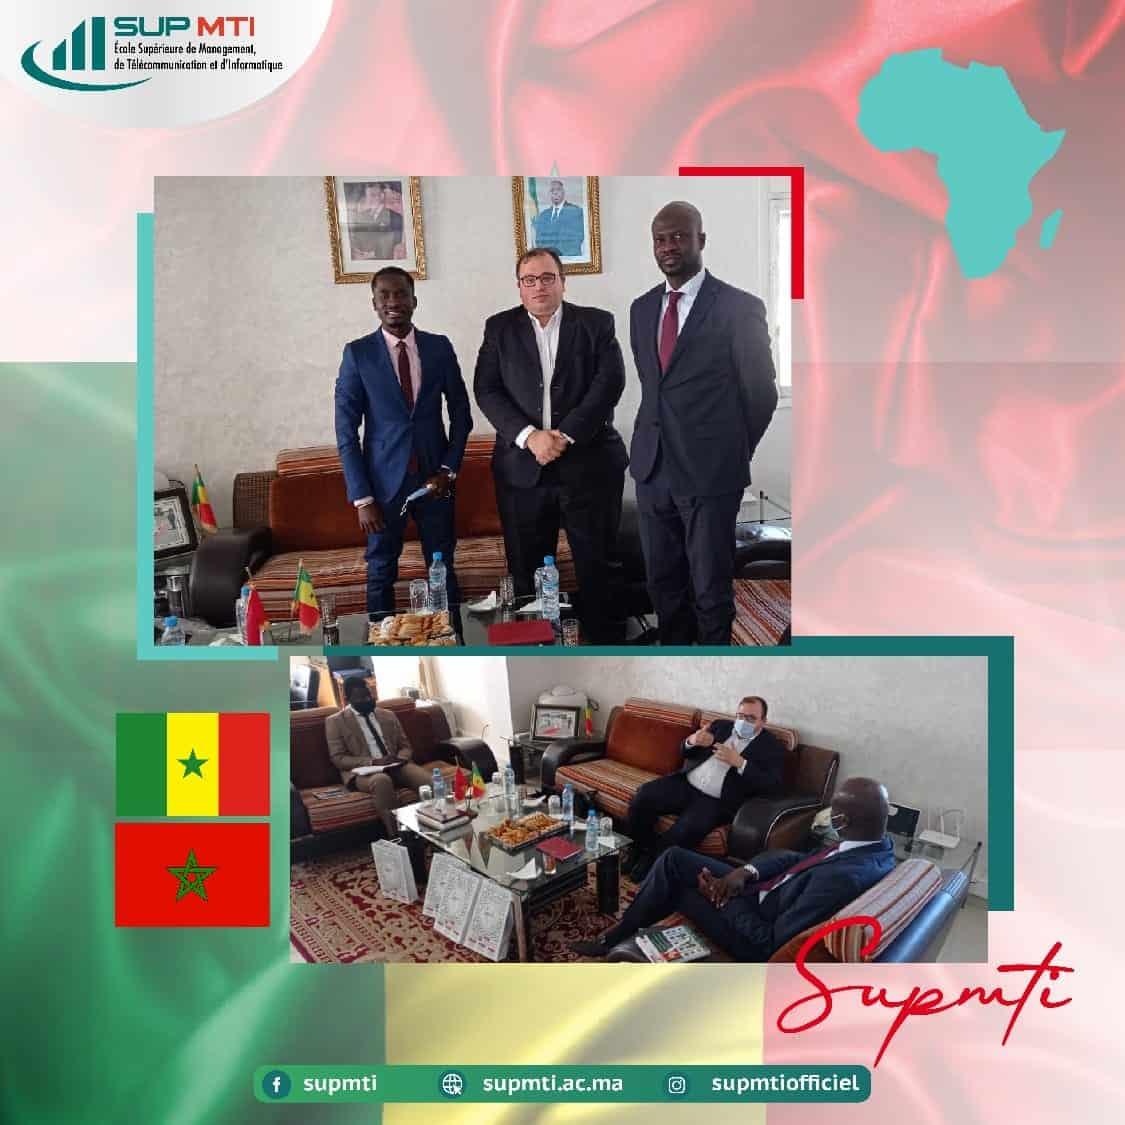 Le Groupe SUPMTI RABAT, représenté par Son président Dr. Abderrahmane Kriouile en partenariat officiel avec Ts Groupe représenté par MTijani, a été reçu par son Excellence l'ambassadeur du Sénégal au Maroc S.E Ibrahima Al Khalil Seck